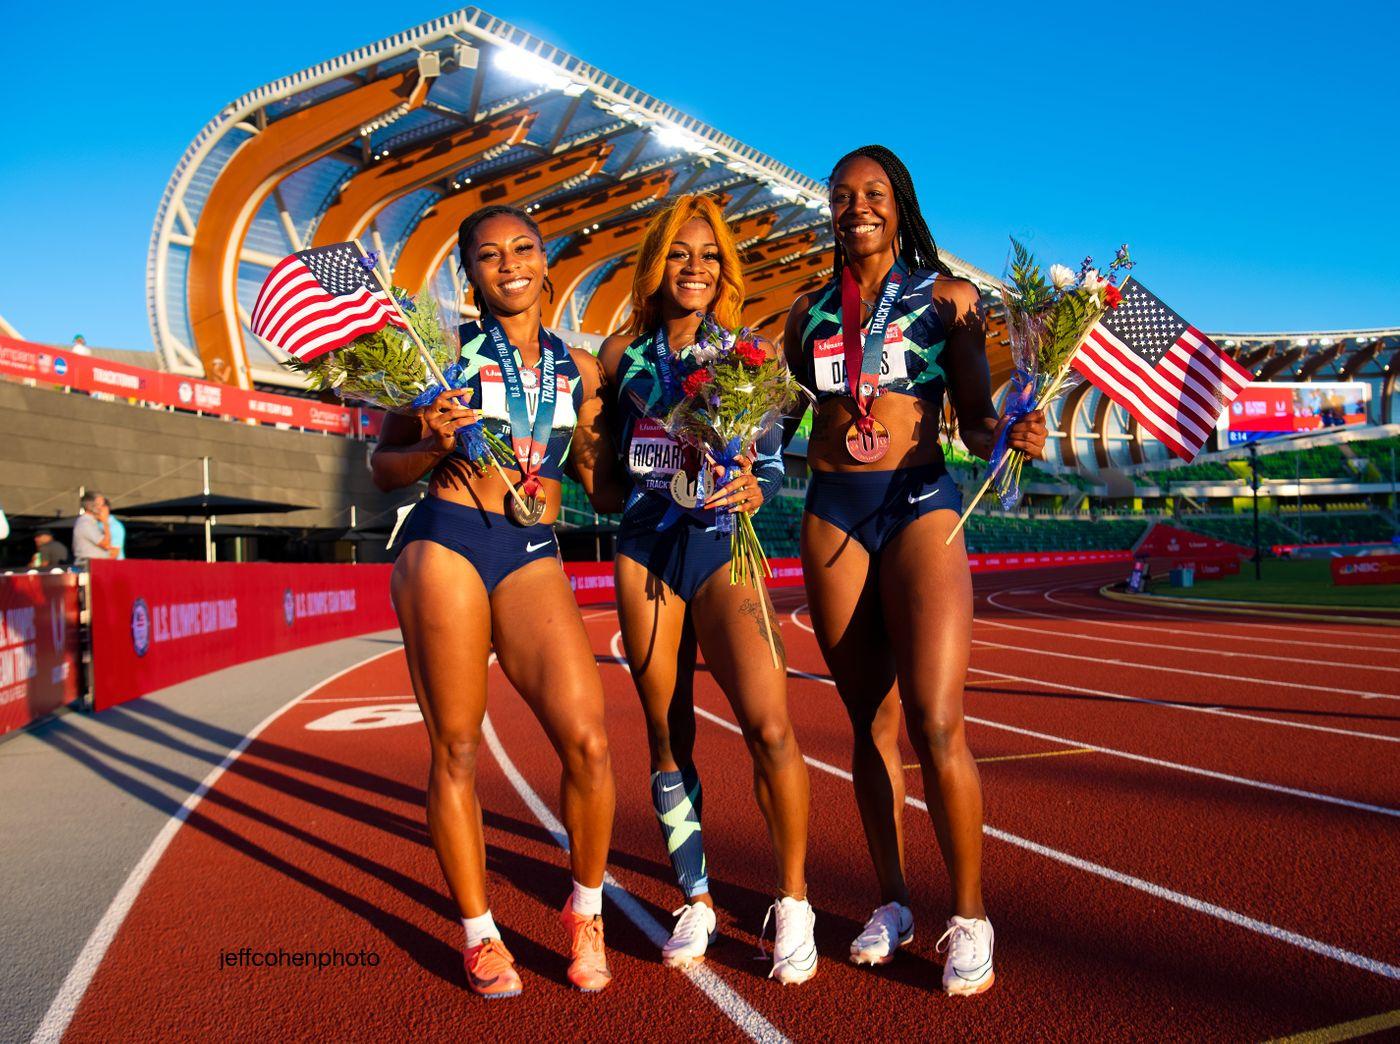 100w-winners-2021-US-Oly-Trials-day-2-3510-jeff-cohen-photo--web.jpg